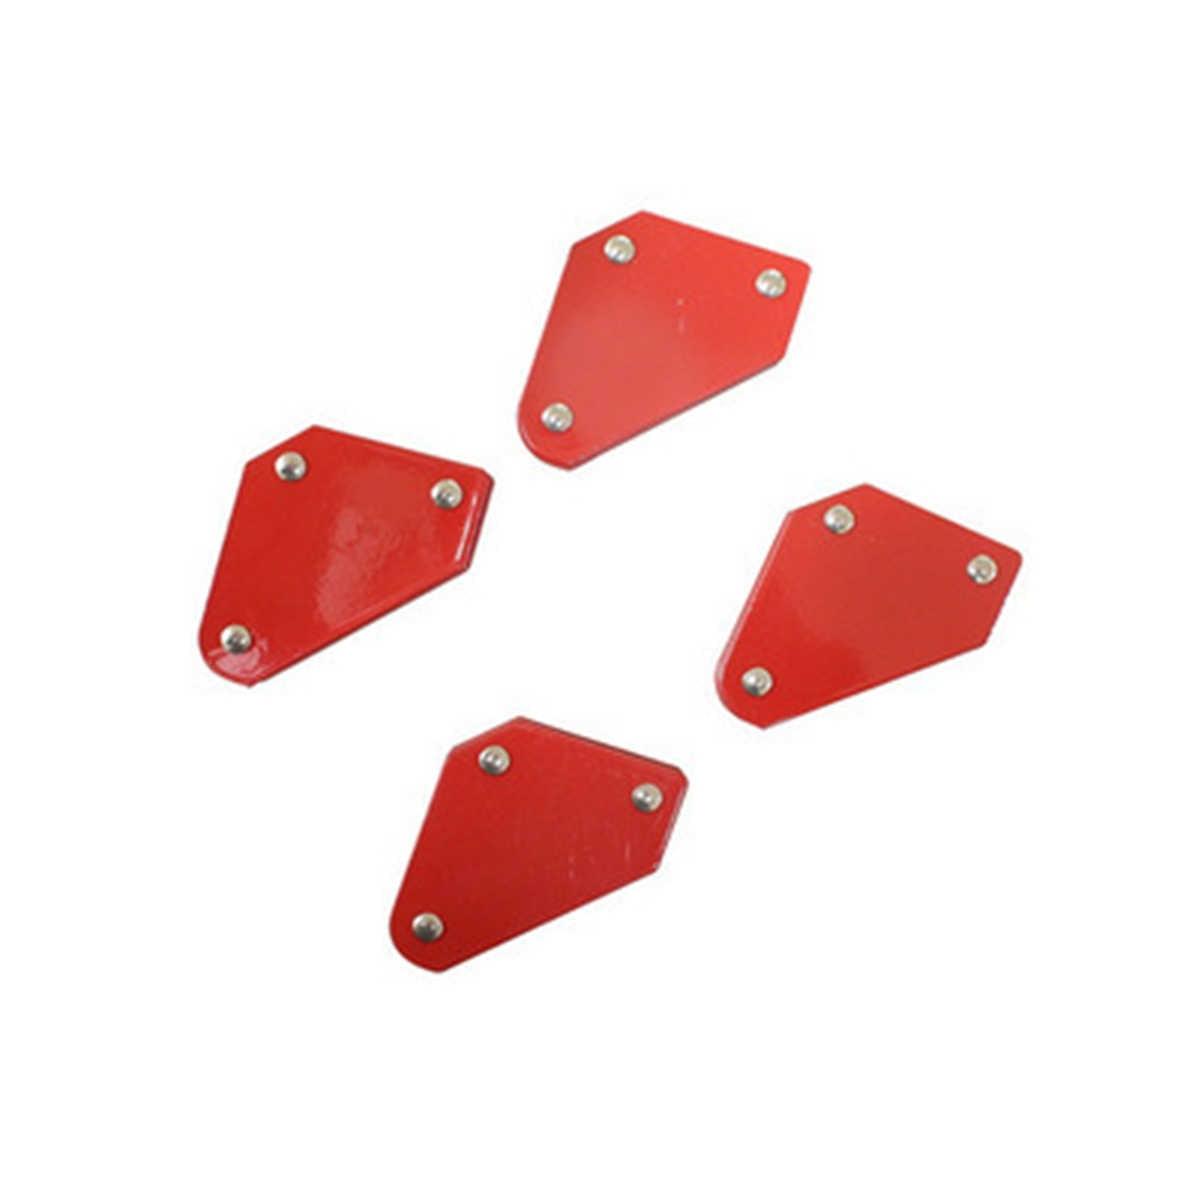 4 unids/lote 4 imán de soldadura magnético soporte cuadrado abrazadera de flecha 45 ° 90 ° 135 ° 9LB abrazadera magnética para herramientas eléctricas de hierro de soldadura